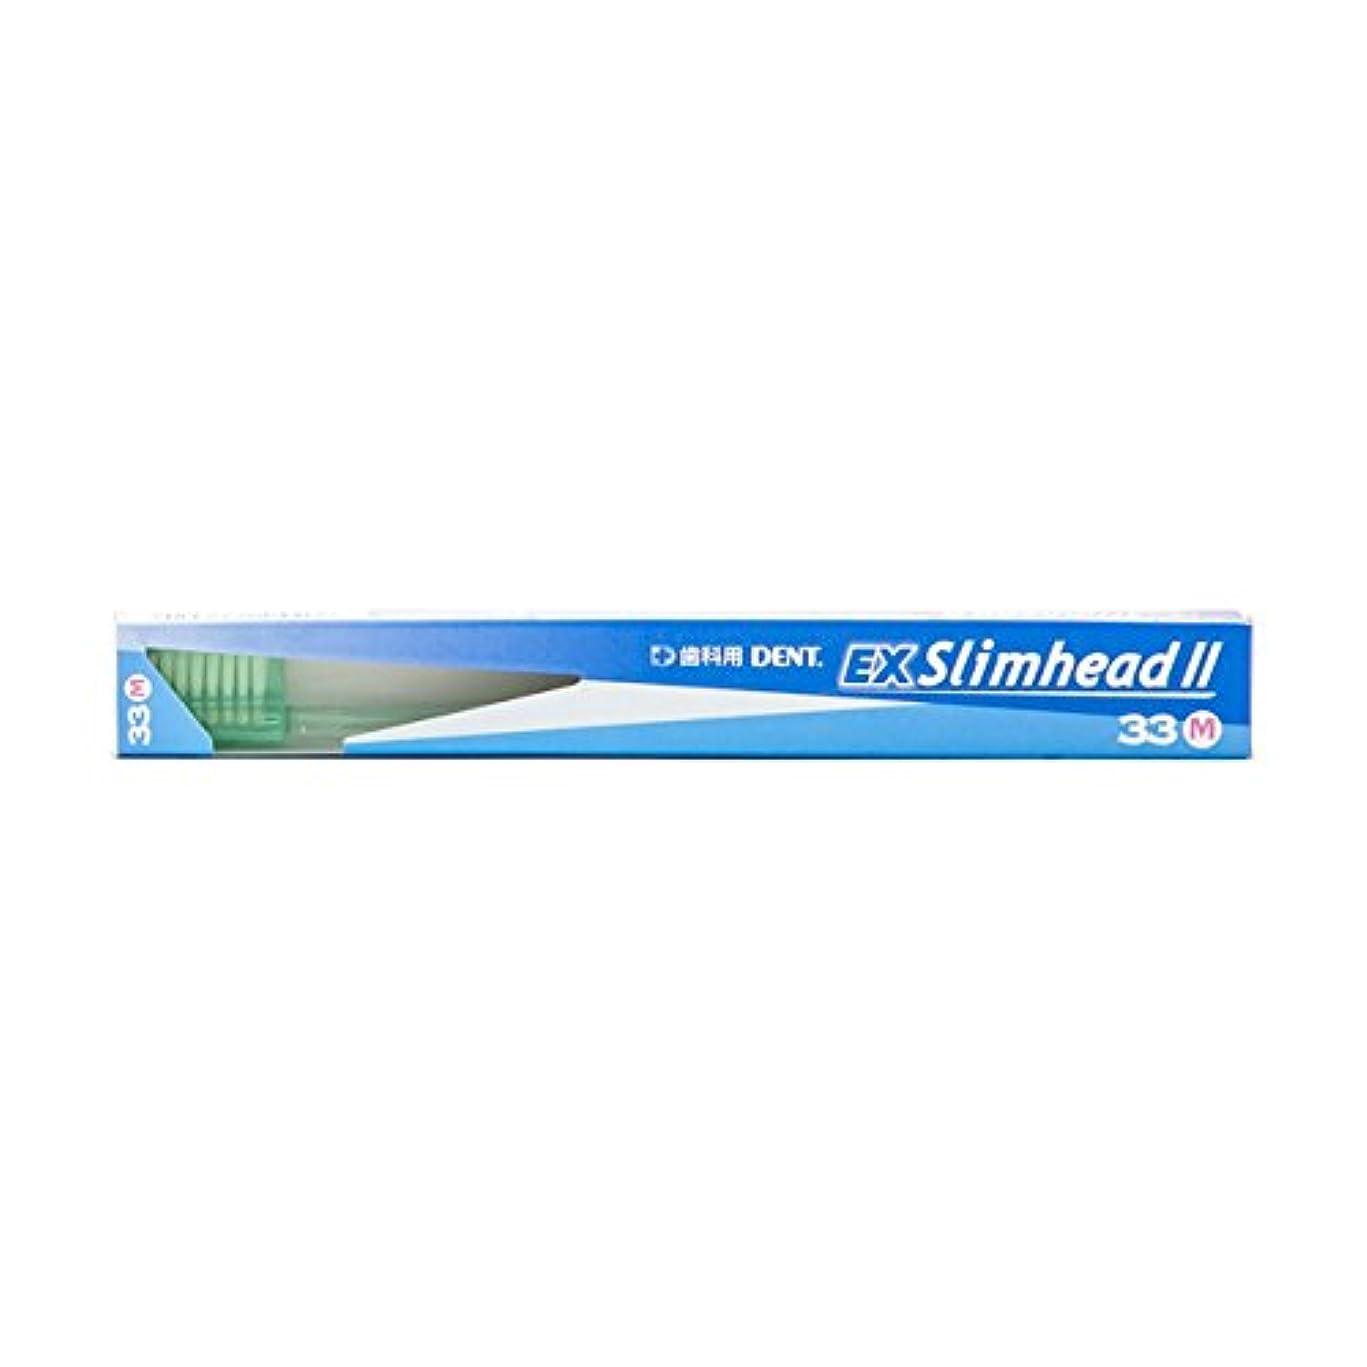 リビジョン地域のオピエートライオン DENT.(デント) EXスリムヘッドツー 33M ミディアム 歯ブラシ 1本